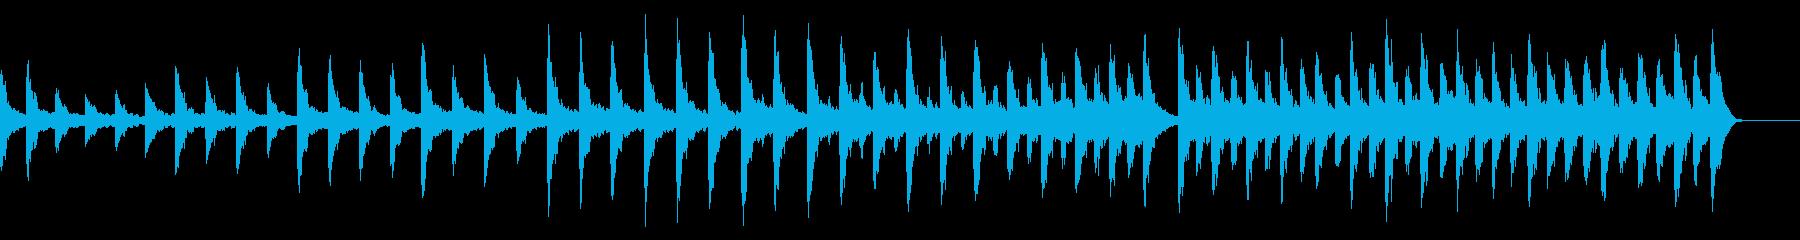 メルトンチャーチベル1:下から鳴るの再生済みの波形